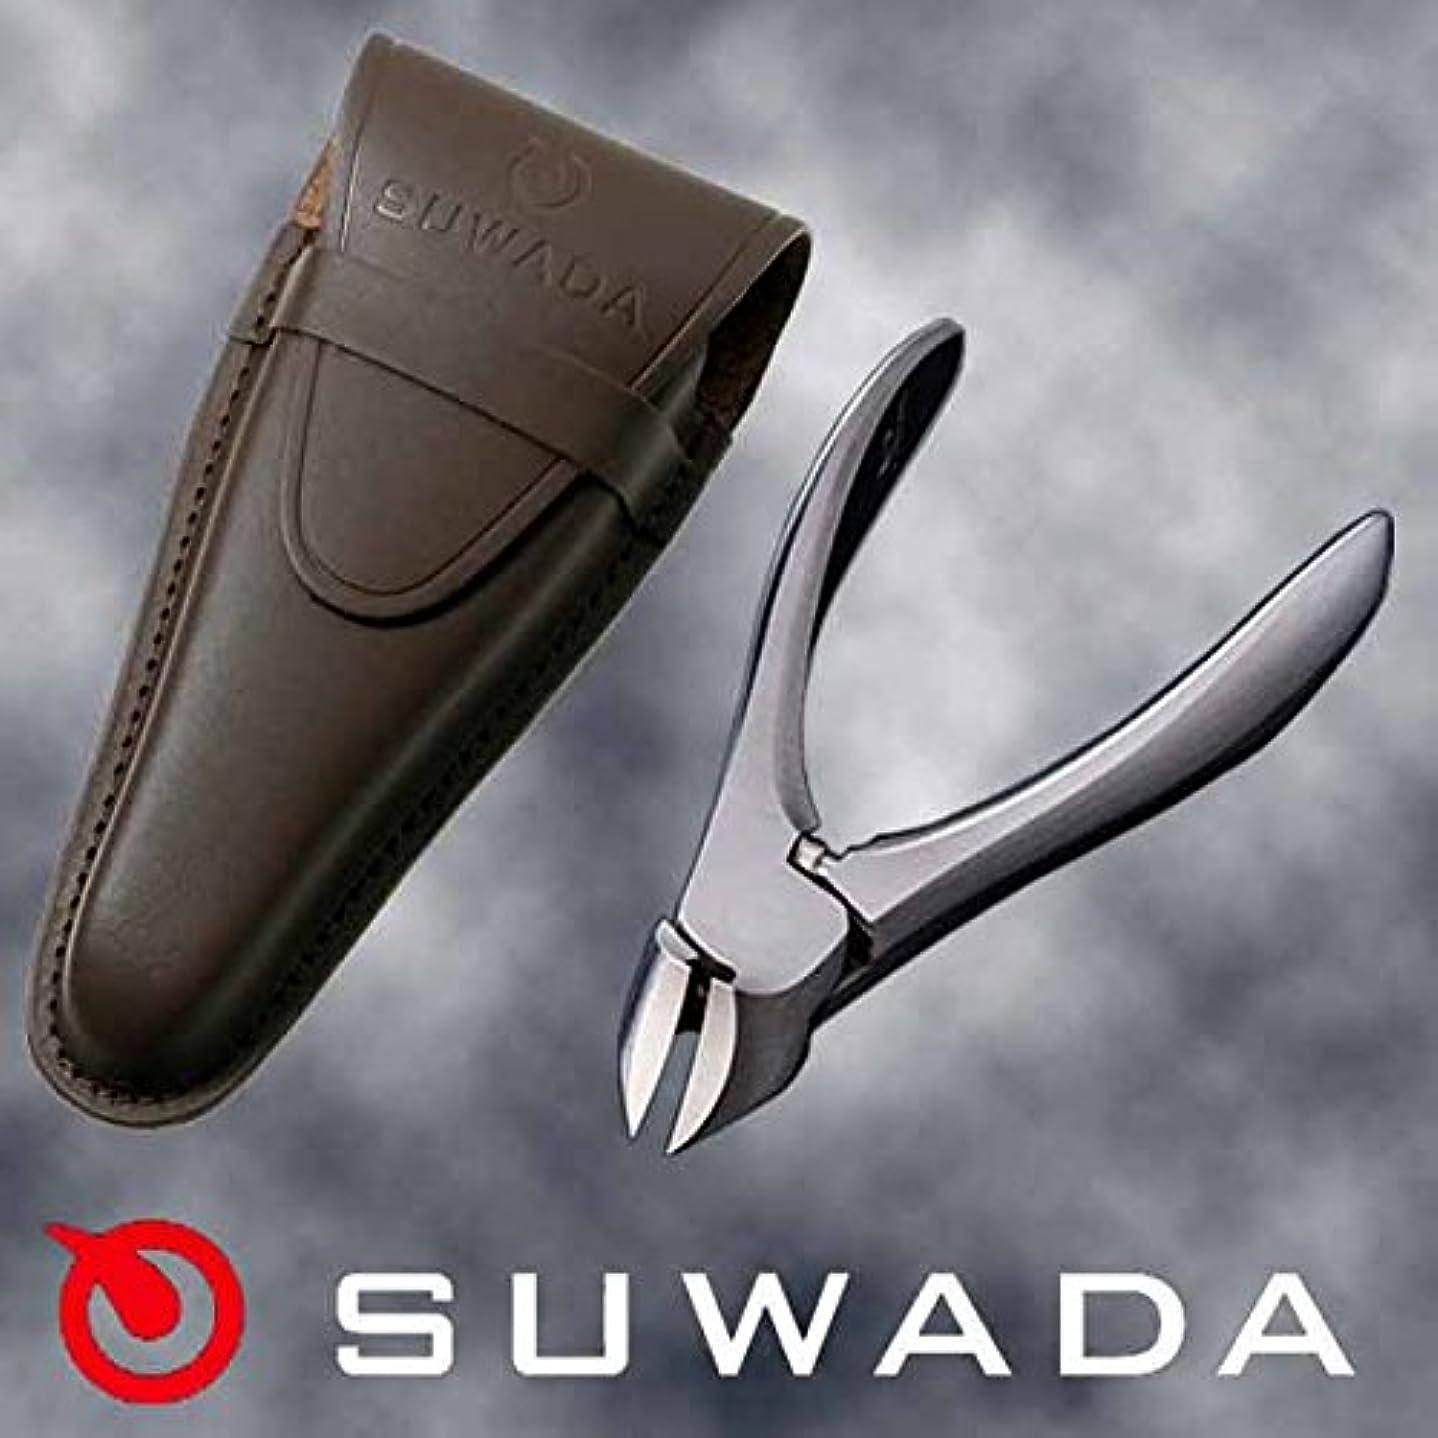 マディソン拡張暗殺するSUWADA爪切りクラシックL&ブラウン(茶)革ケースセット 特注モデル 諏訪田製作所製 スワダの爪切り